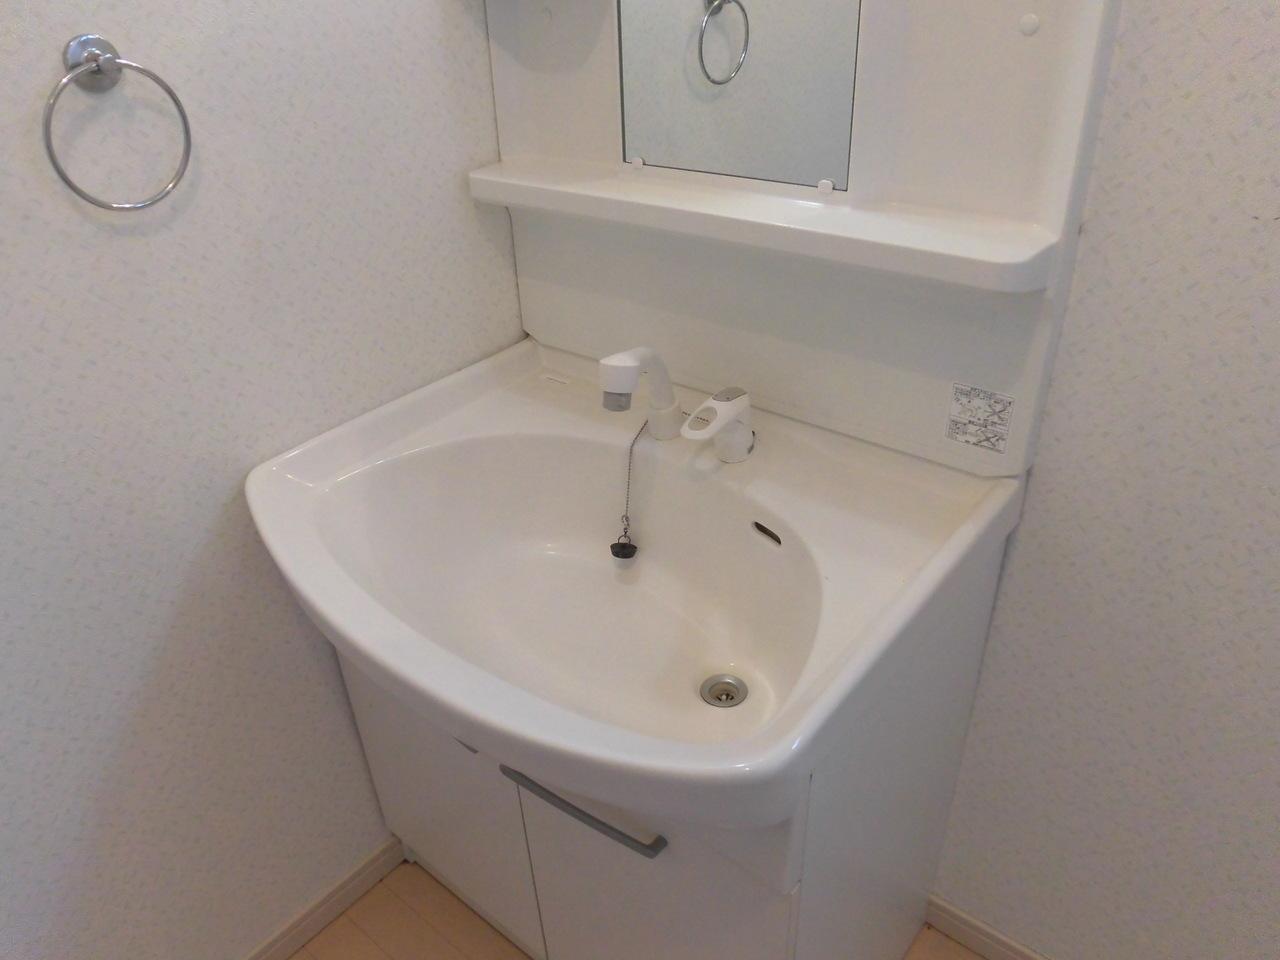 洗面化粧台です。白を基調とし清潔感があります。